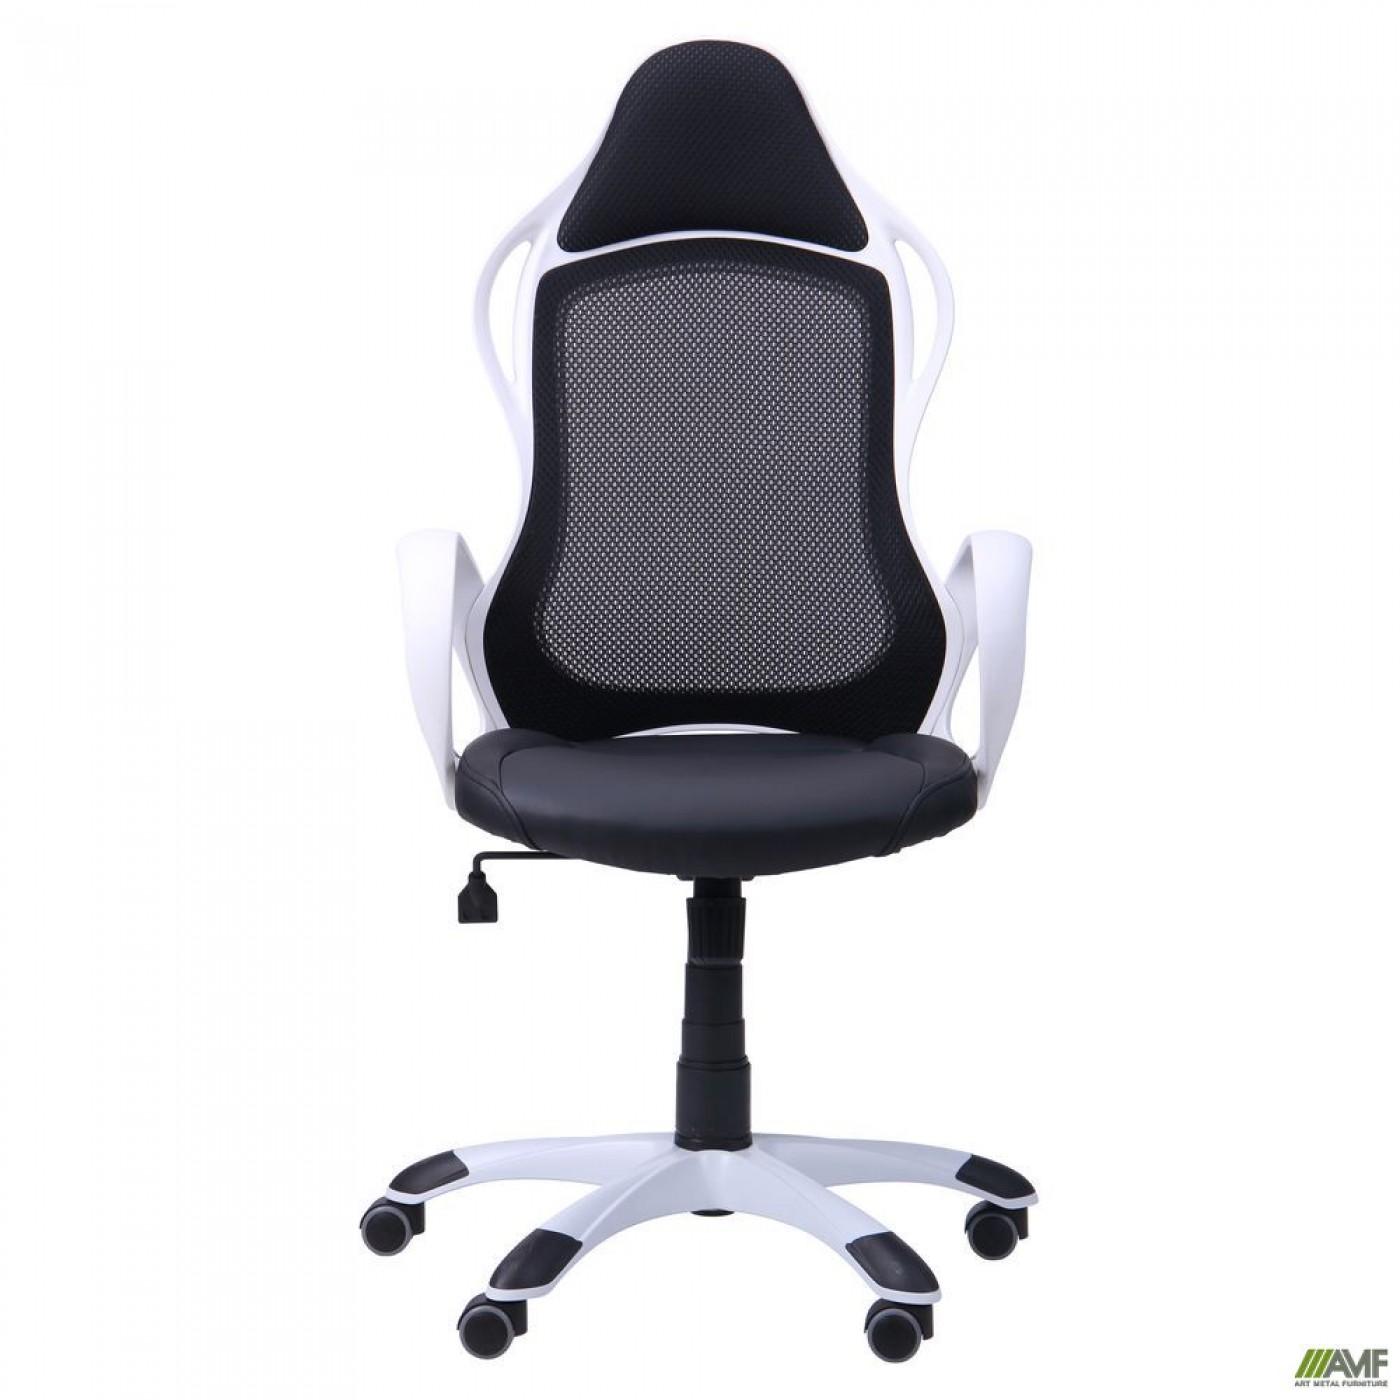 Кресло Nitro белый, сиденье Неаполь N-20/спинка Сетка черная